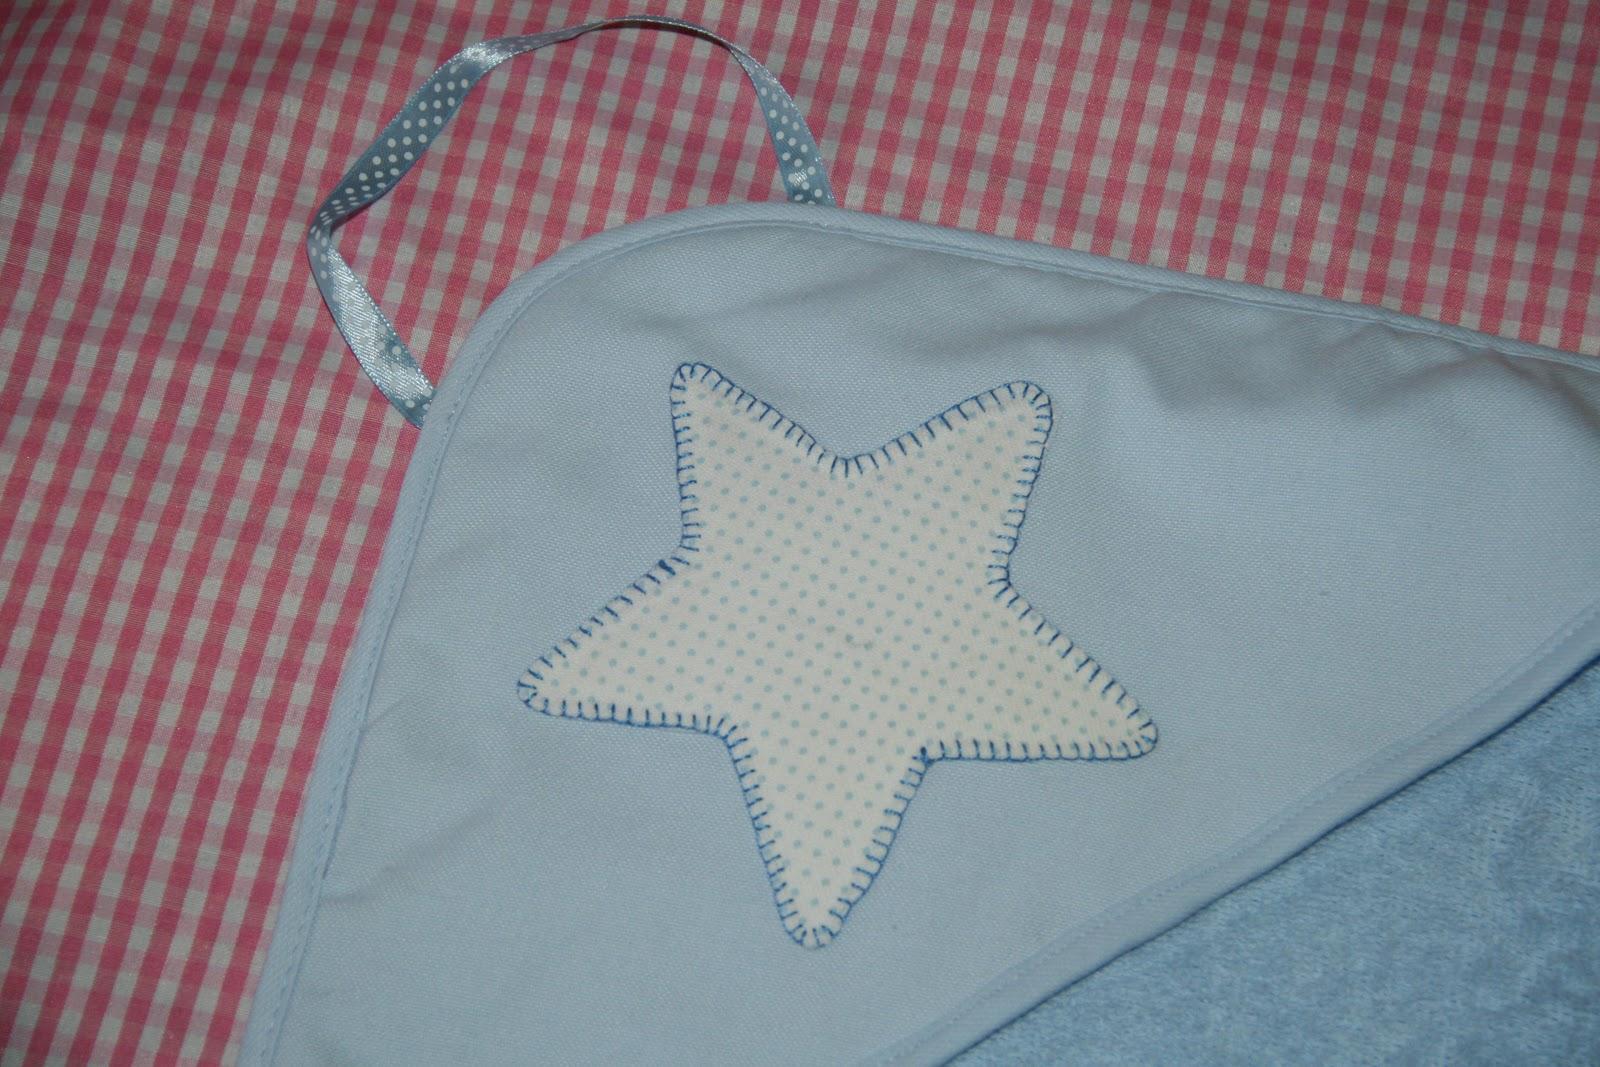 Mundo vichy capa de ba o y mantitas para beb s personalizadas - Capa bano bebe ...